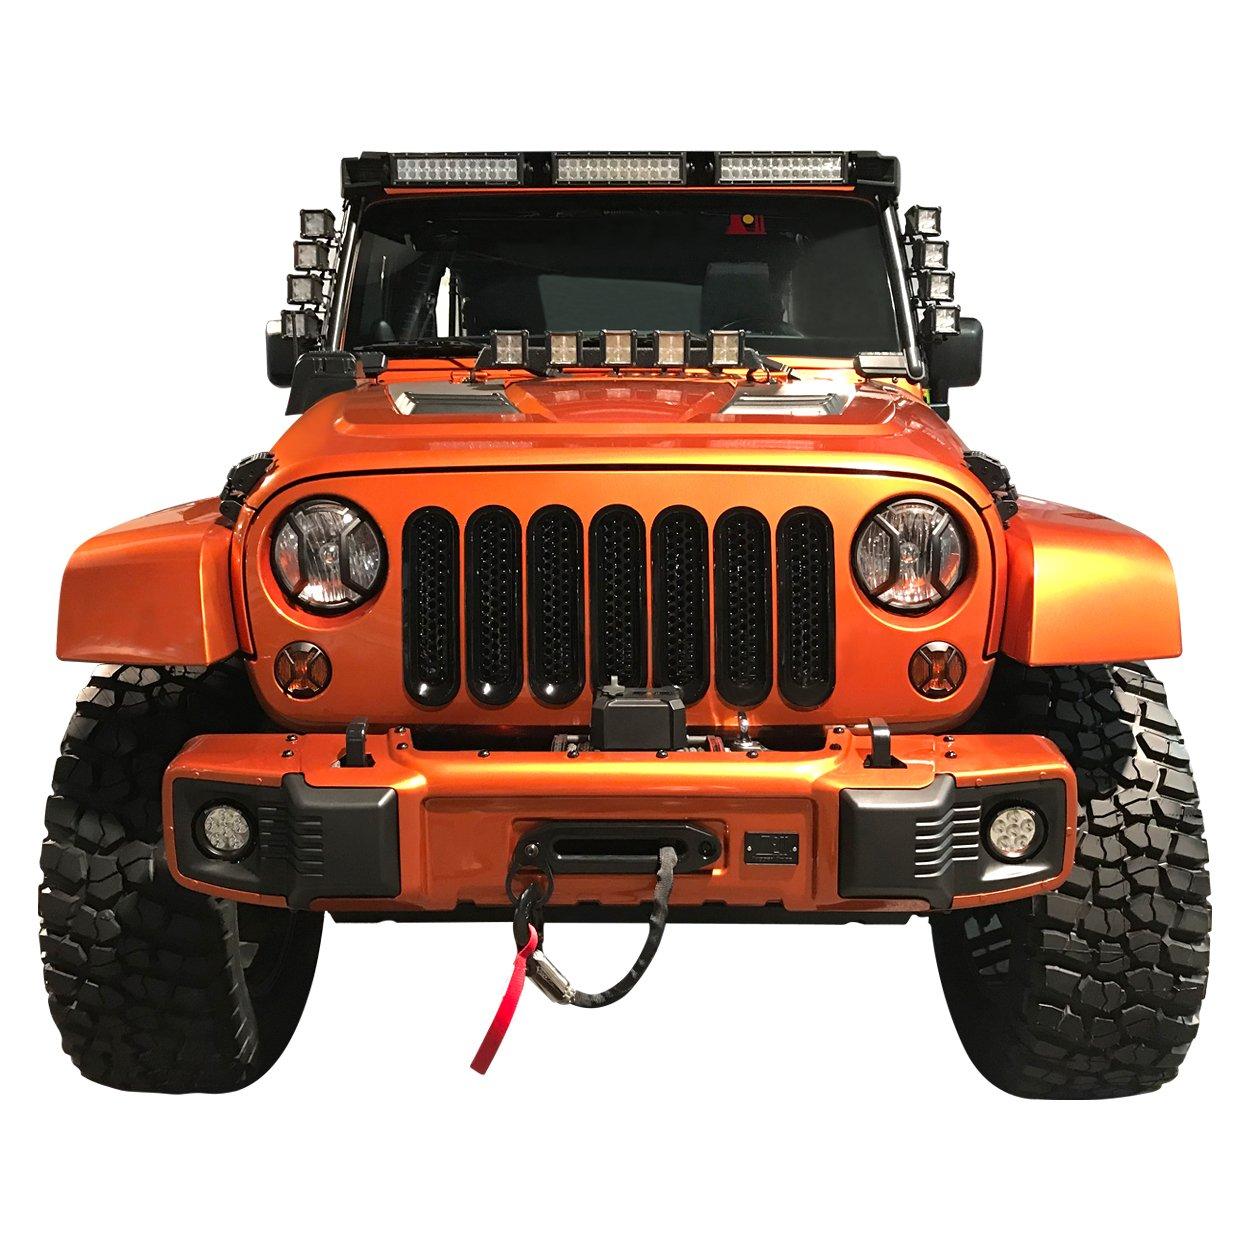 Allinoneparts 2007-2018 Jeep Wrangler JK JKU Grill Inserts Grille Inserts Glossy Black Jeep Wrangler Accessories JK JKU /&Unlimited Rubicon Sahara Sports,ABS 7 Pcs